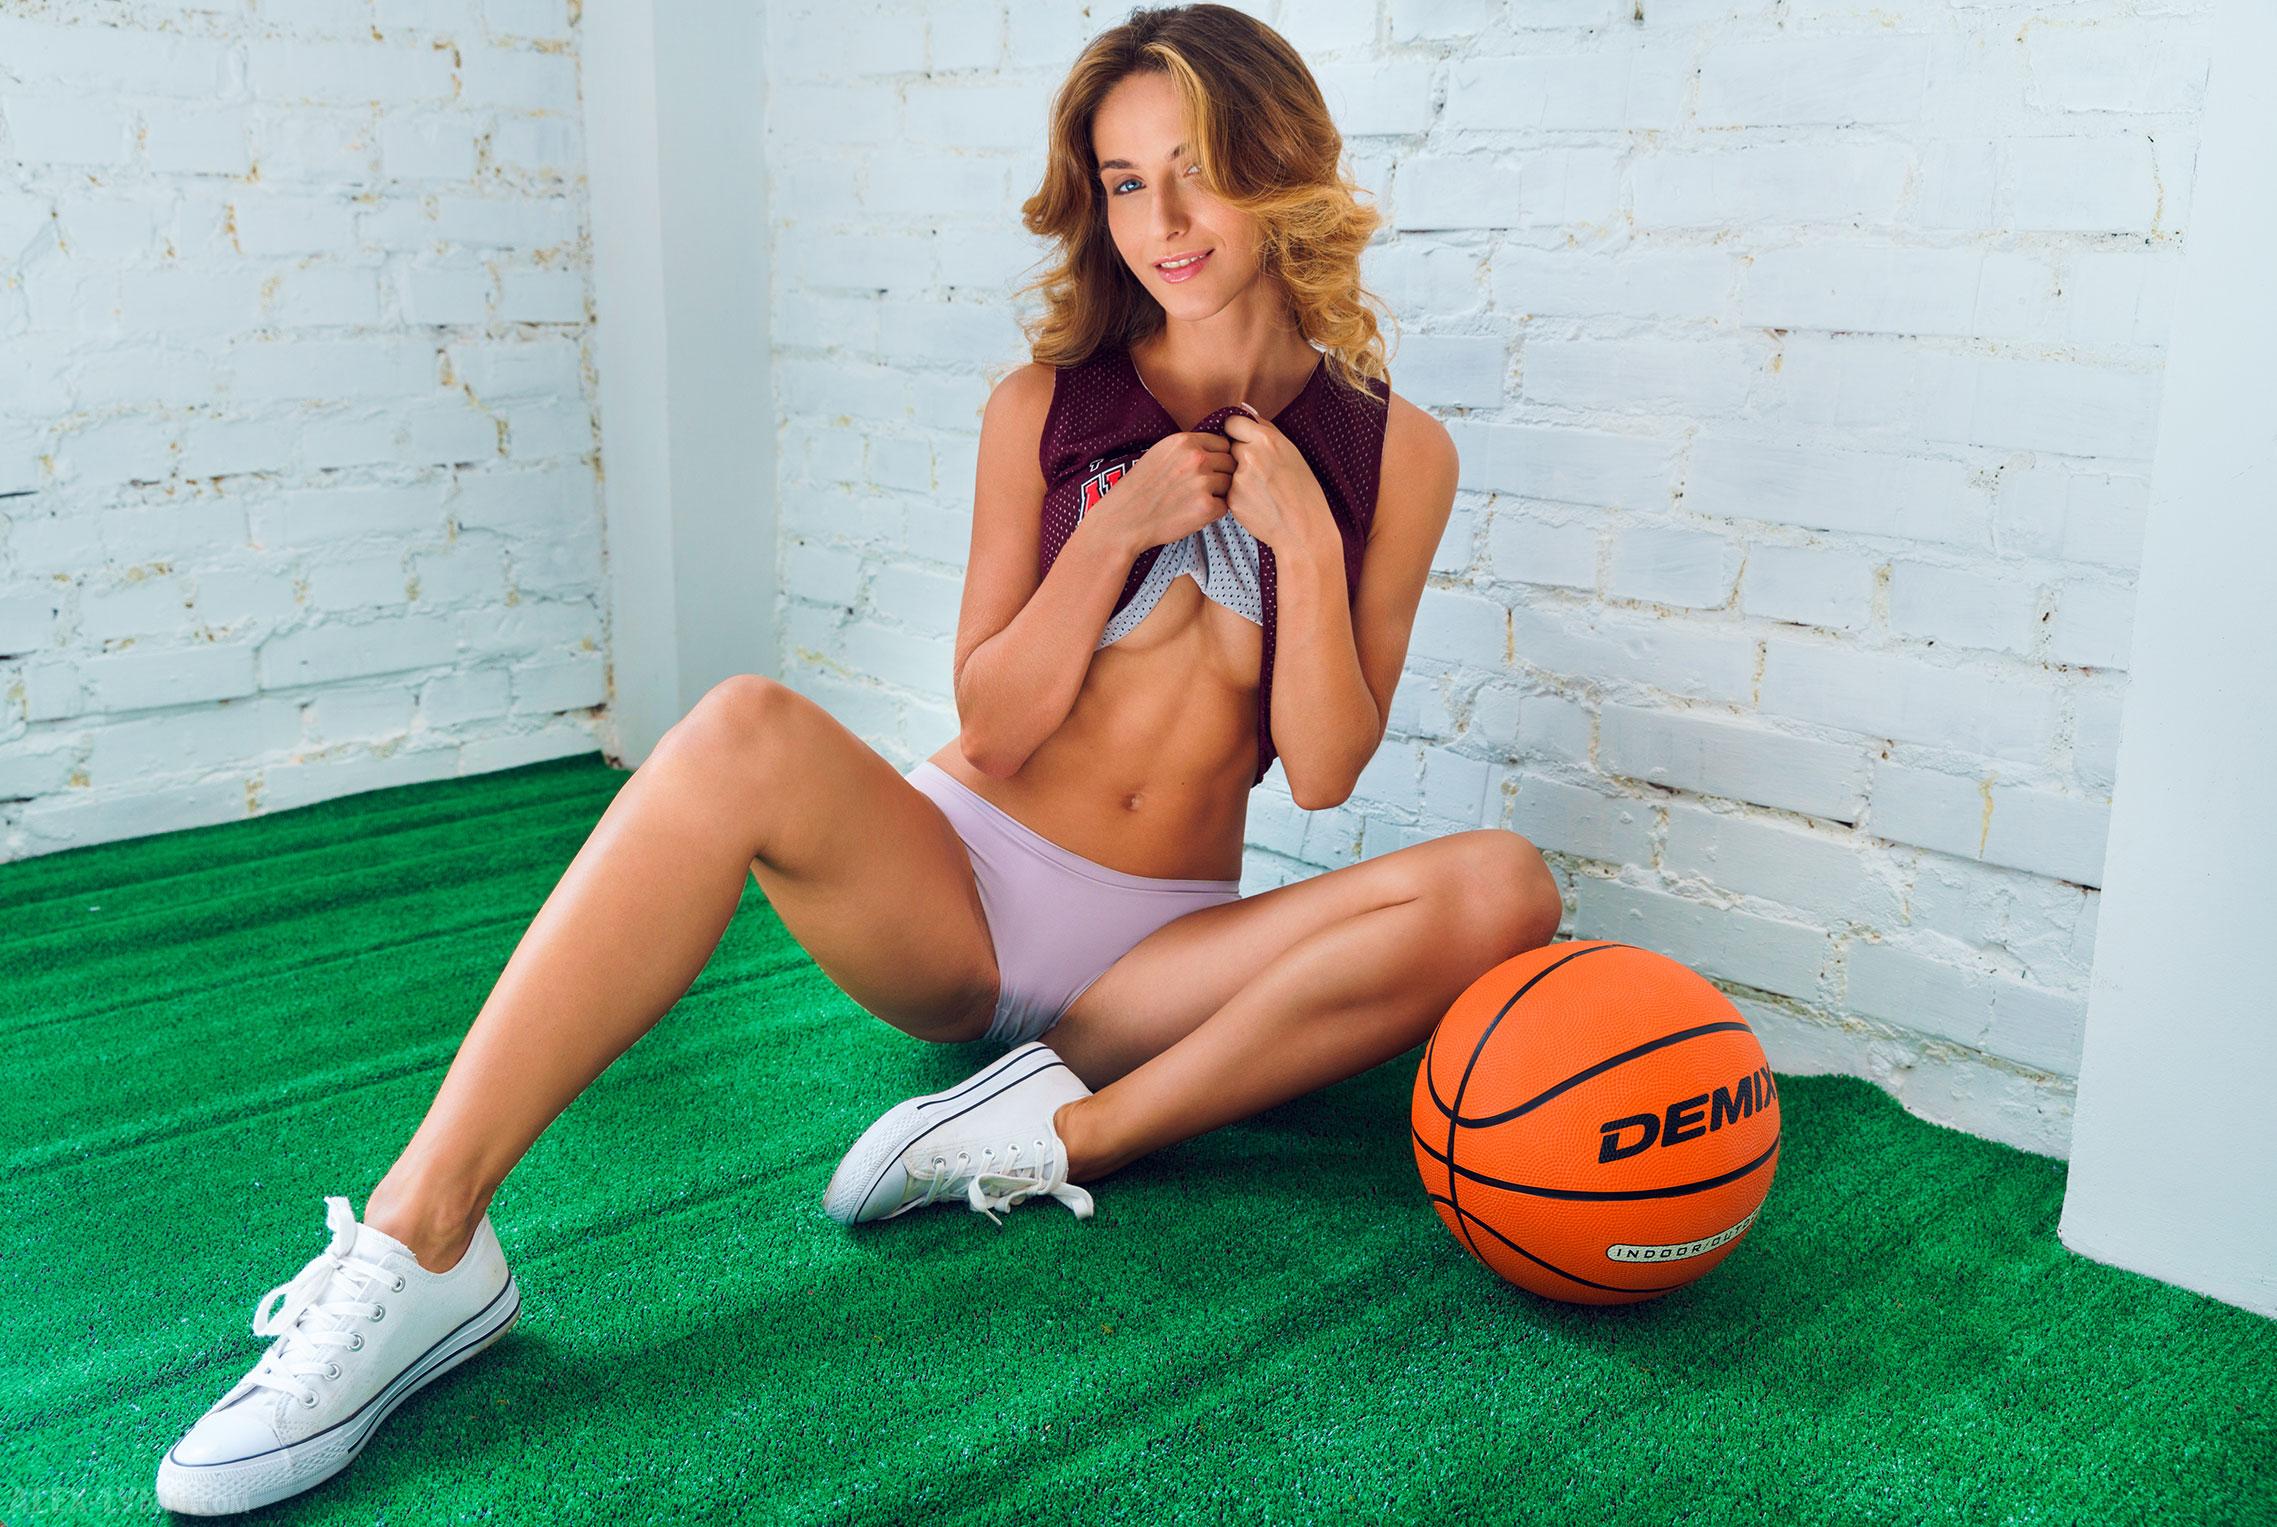 Играем в баскетбол красиво / голая Наталья Войнар с баскетбольным мячом / фото 09